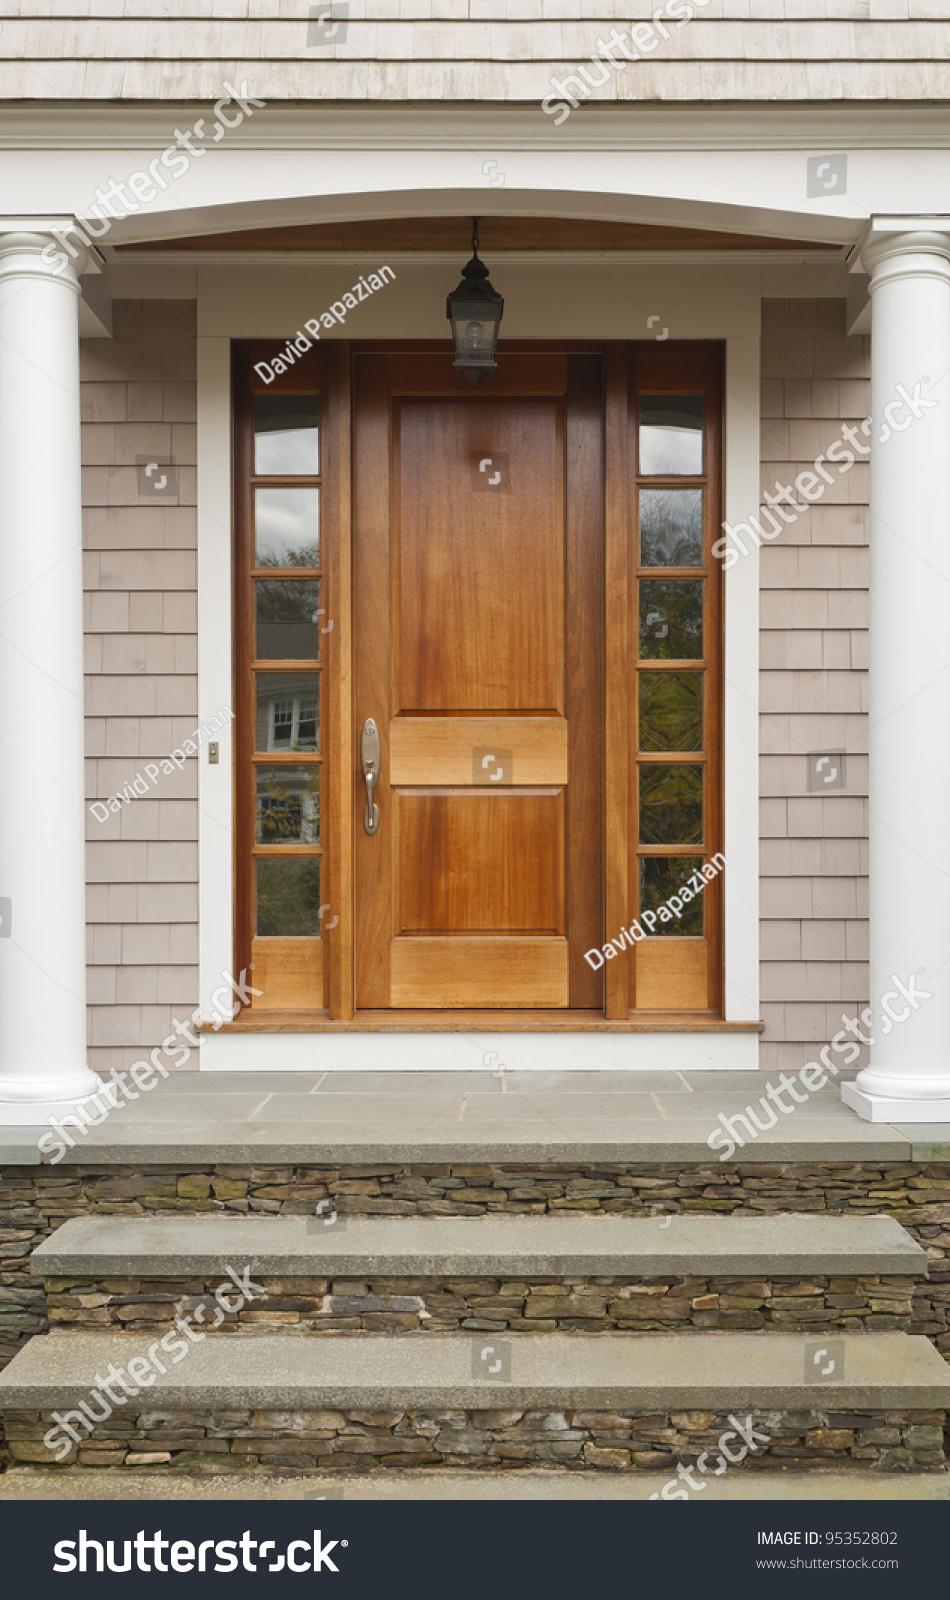 Wooden Front Door Showing Pillars Arch Stock Photo